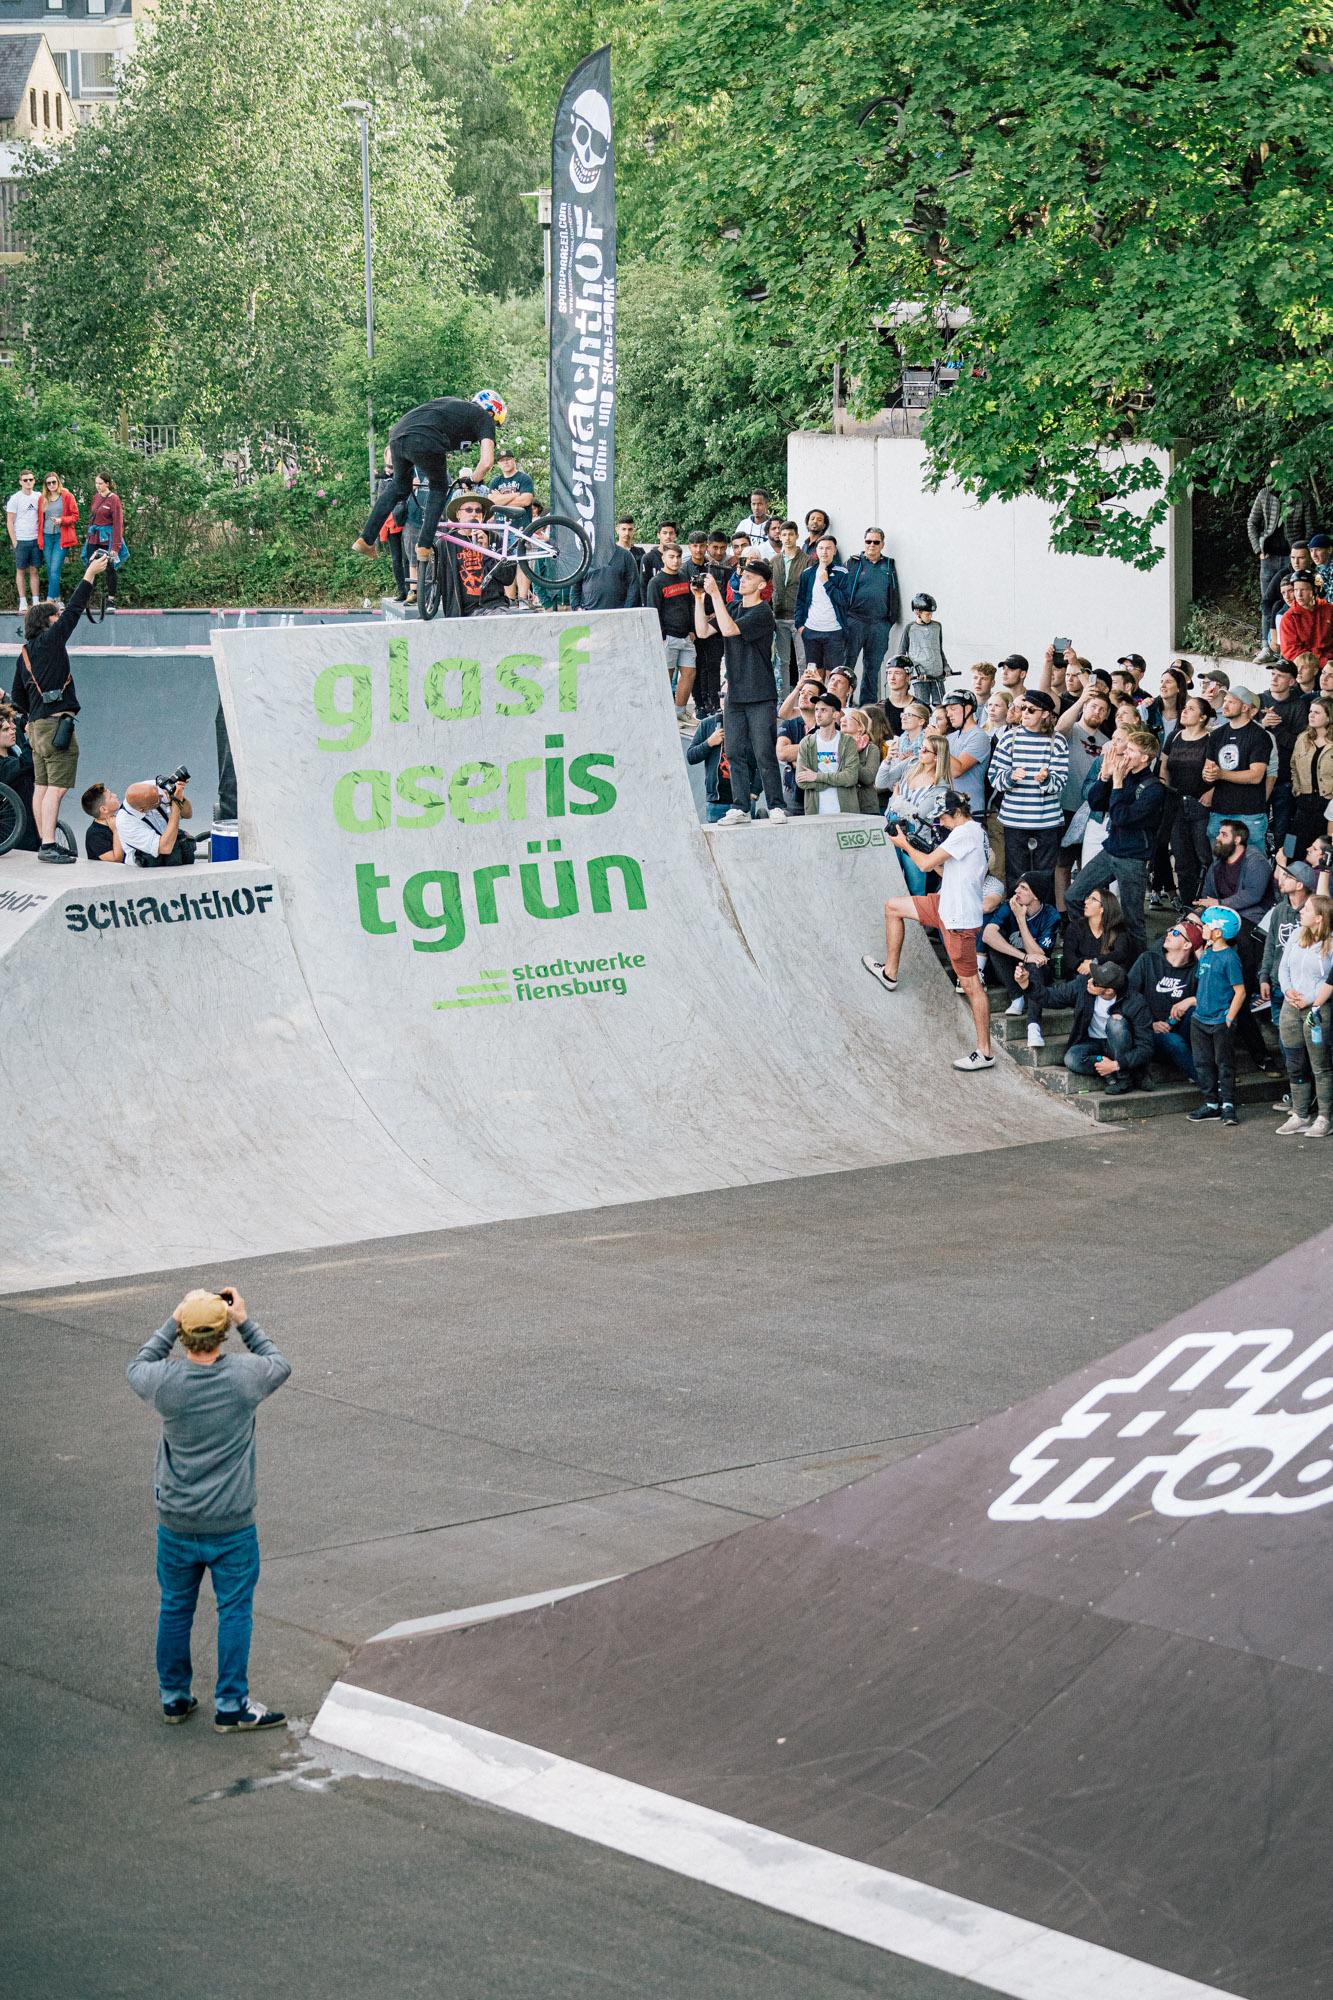 Daniel Wejdemeier, Footjam Whip mit wenig Platz für Fehler